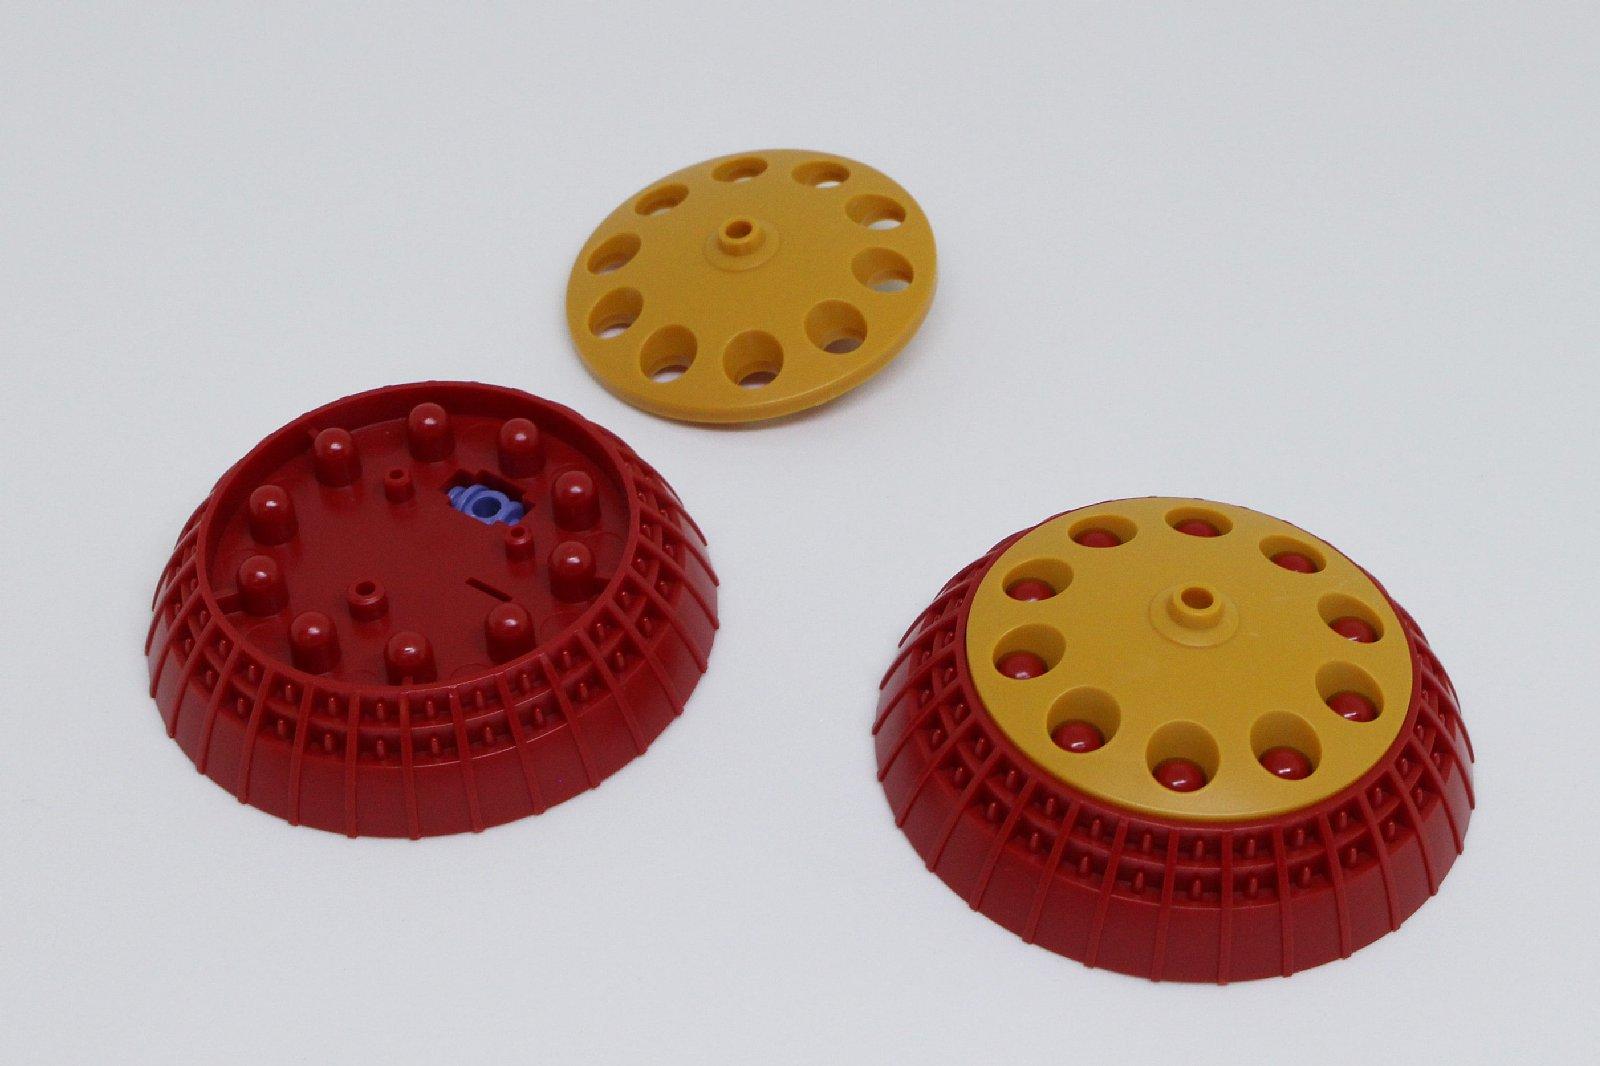 ミサイルシールドは2つ組み立てる。丸い穴の中にあるハイドボンブも塗装しやすい